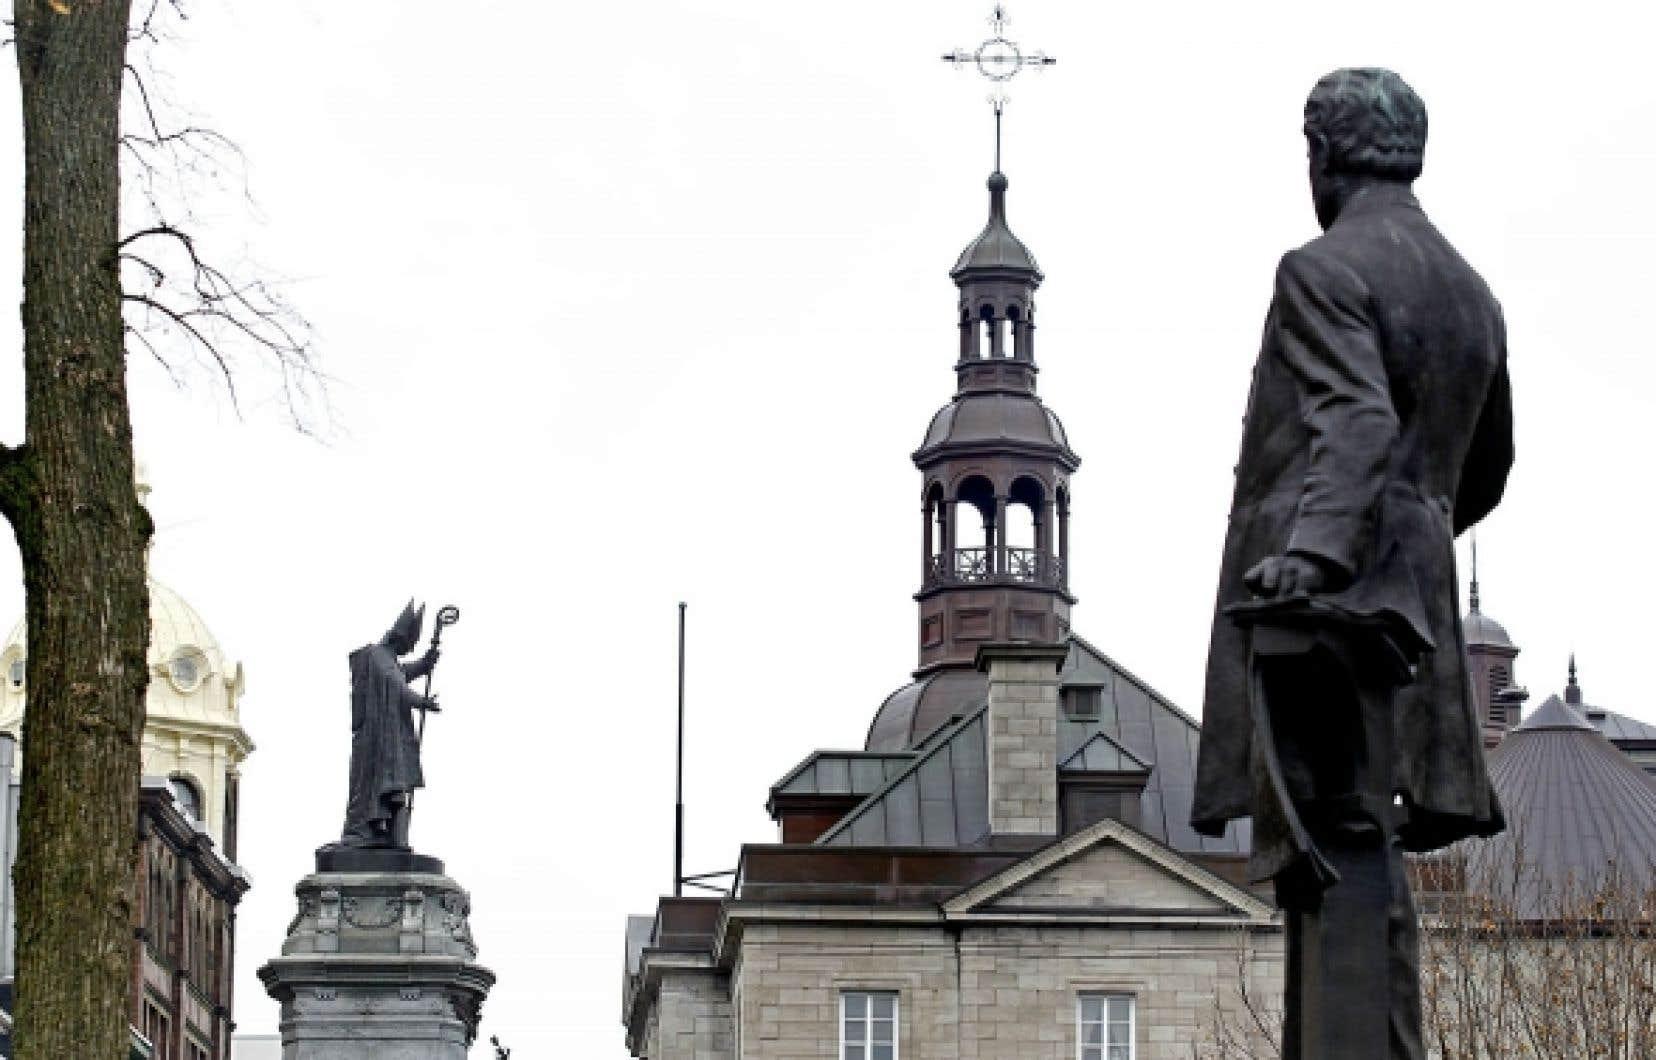 <div> Les municipalités peuvent dorénavant protéger et mettre en valeur les éléments du patrimoine culturel situés sur leur territoire.</div>